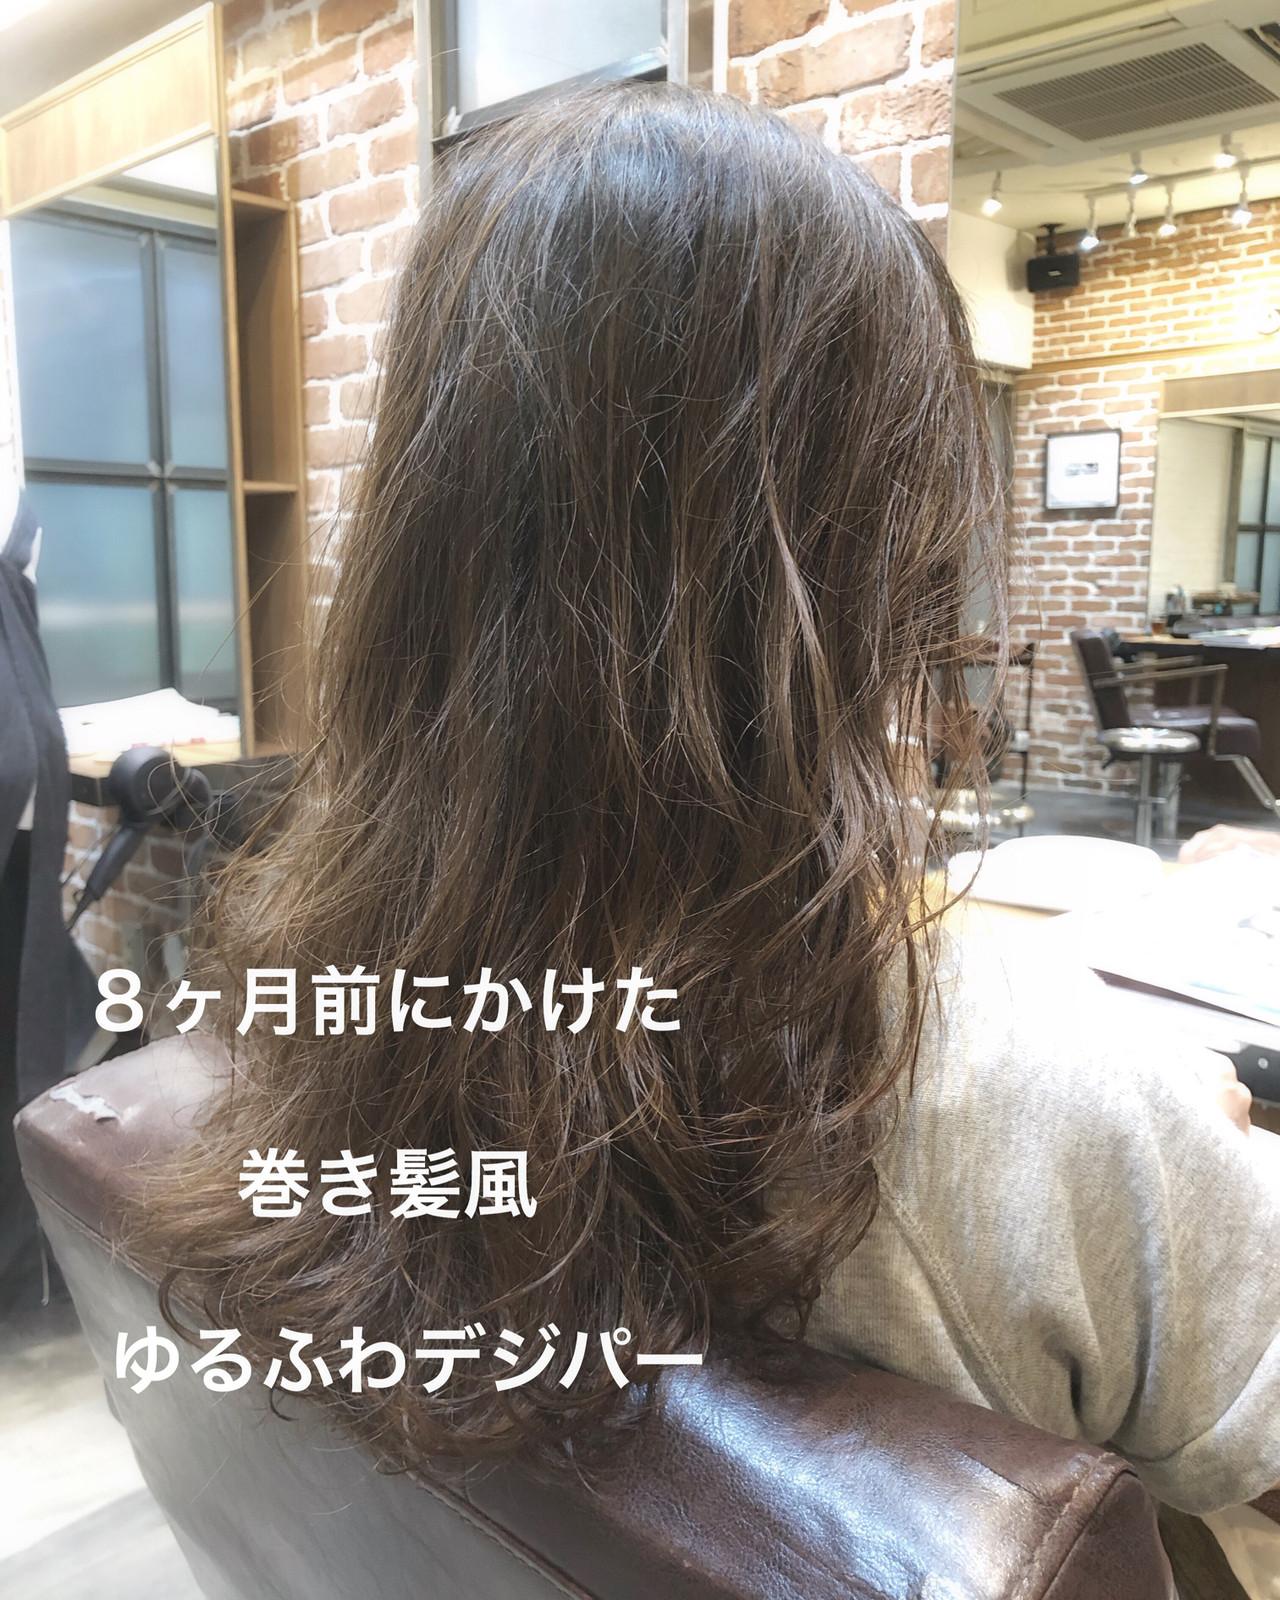 アンニュイほつれヘア ロング パーマ デジタルパーマ ヘアスタイルや髪型の写真・画像